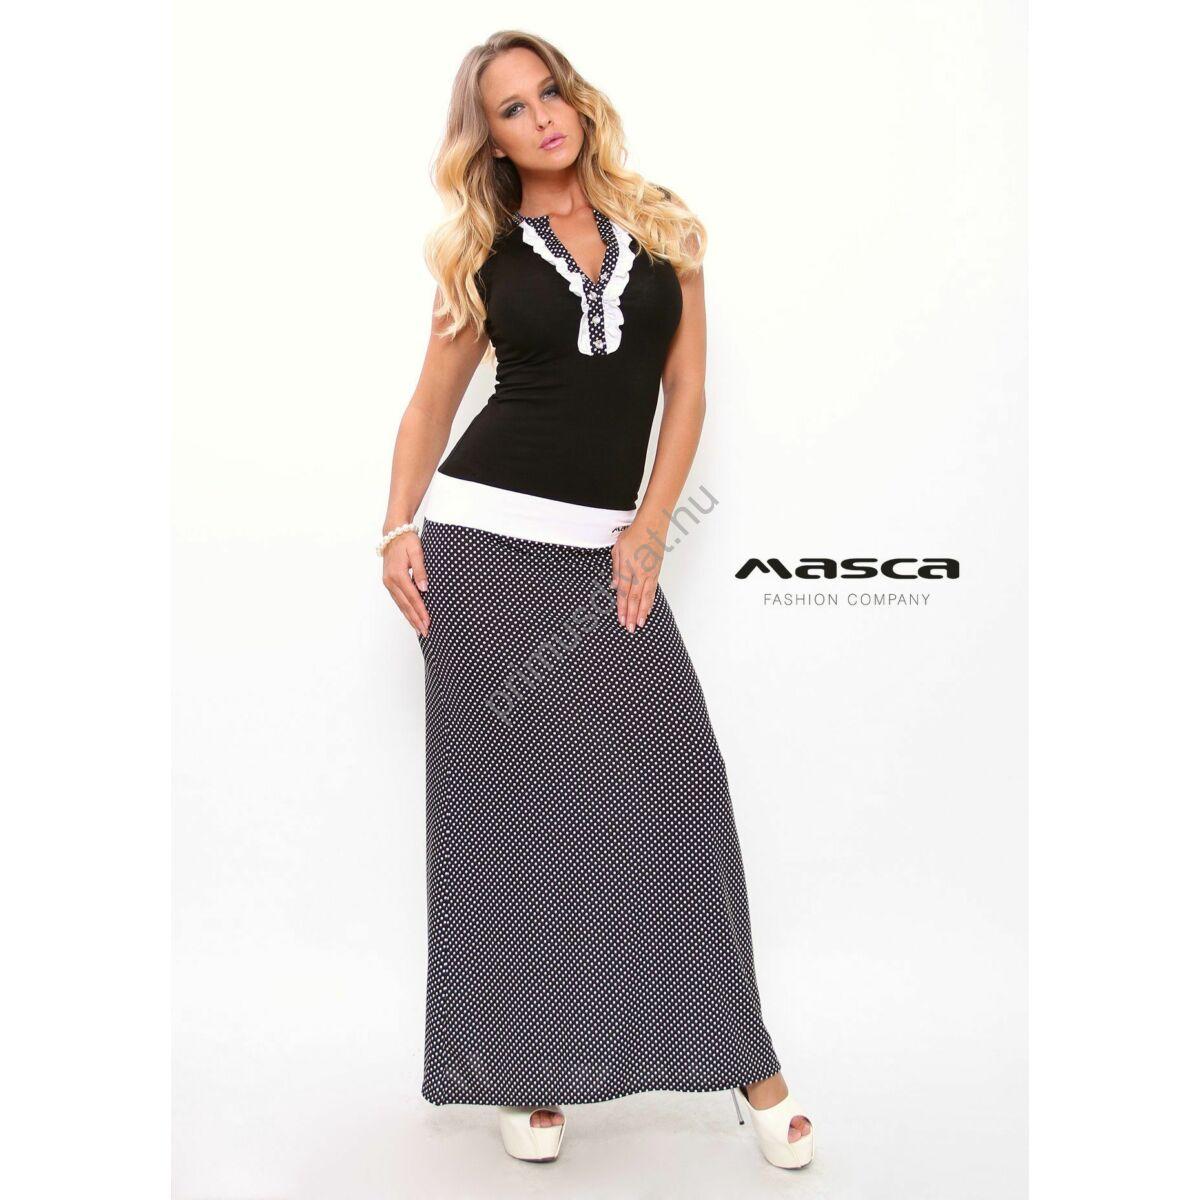 Kép 1 1 - Masca Fashion fodorszegélyes ékszerpatentos dekoltázsú ujjatlan 4c7bfa8657